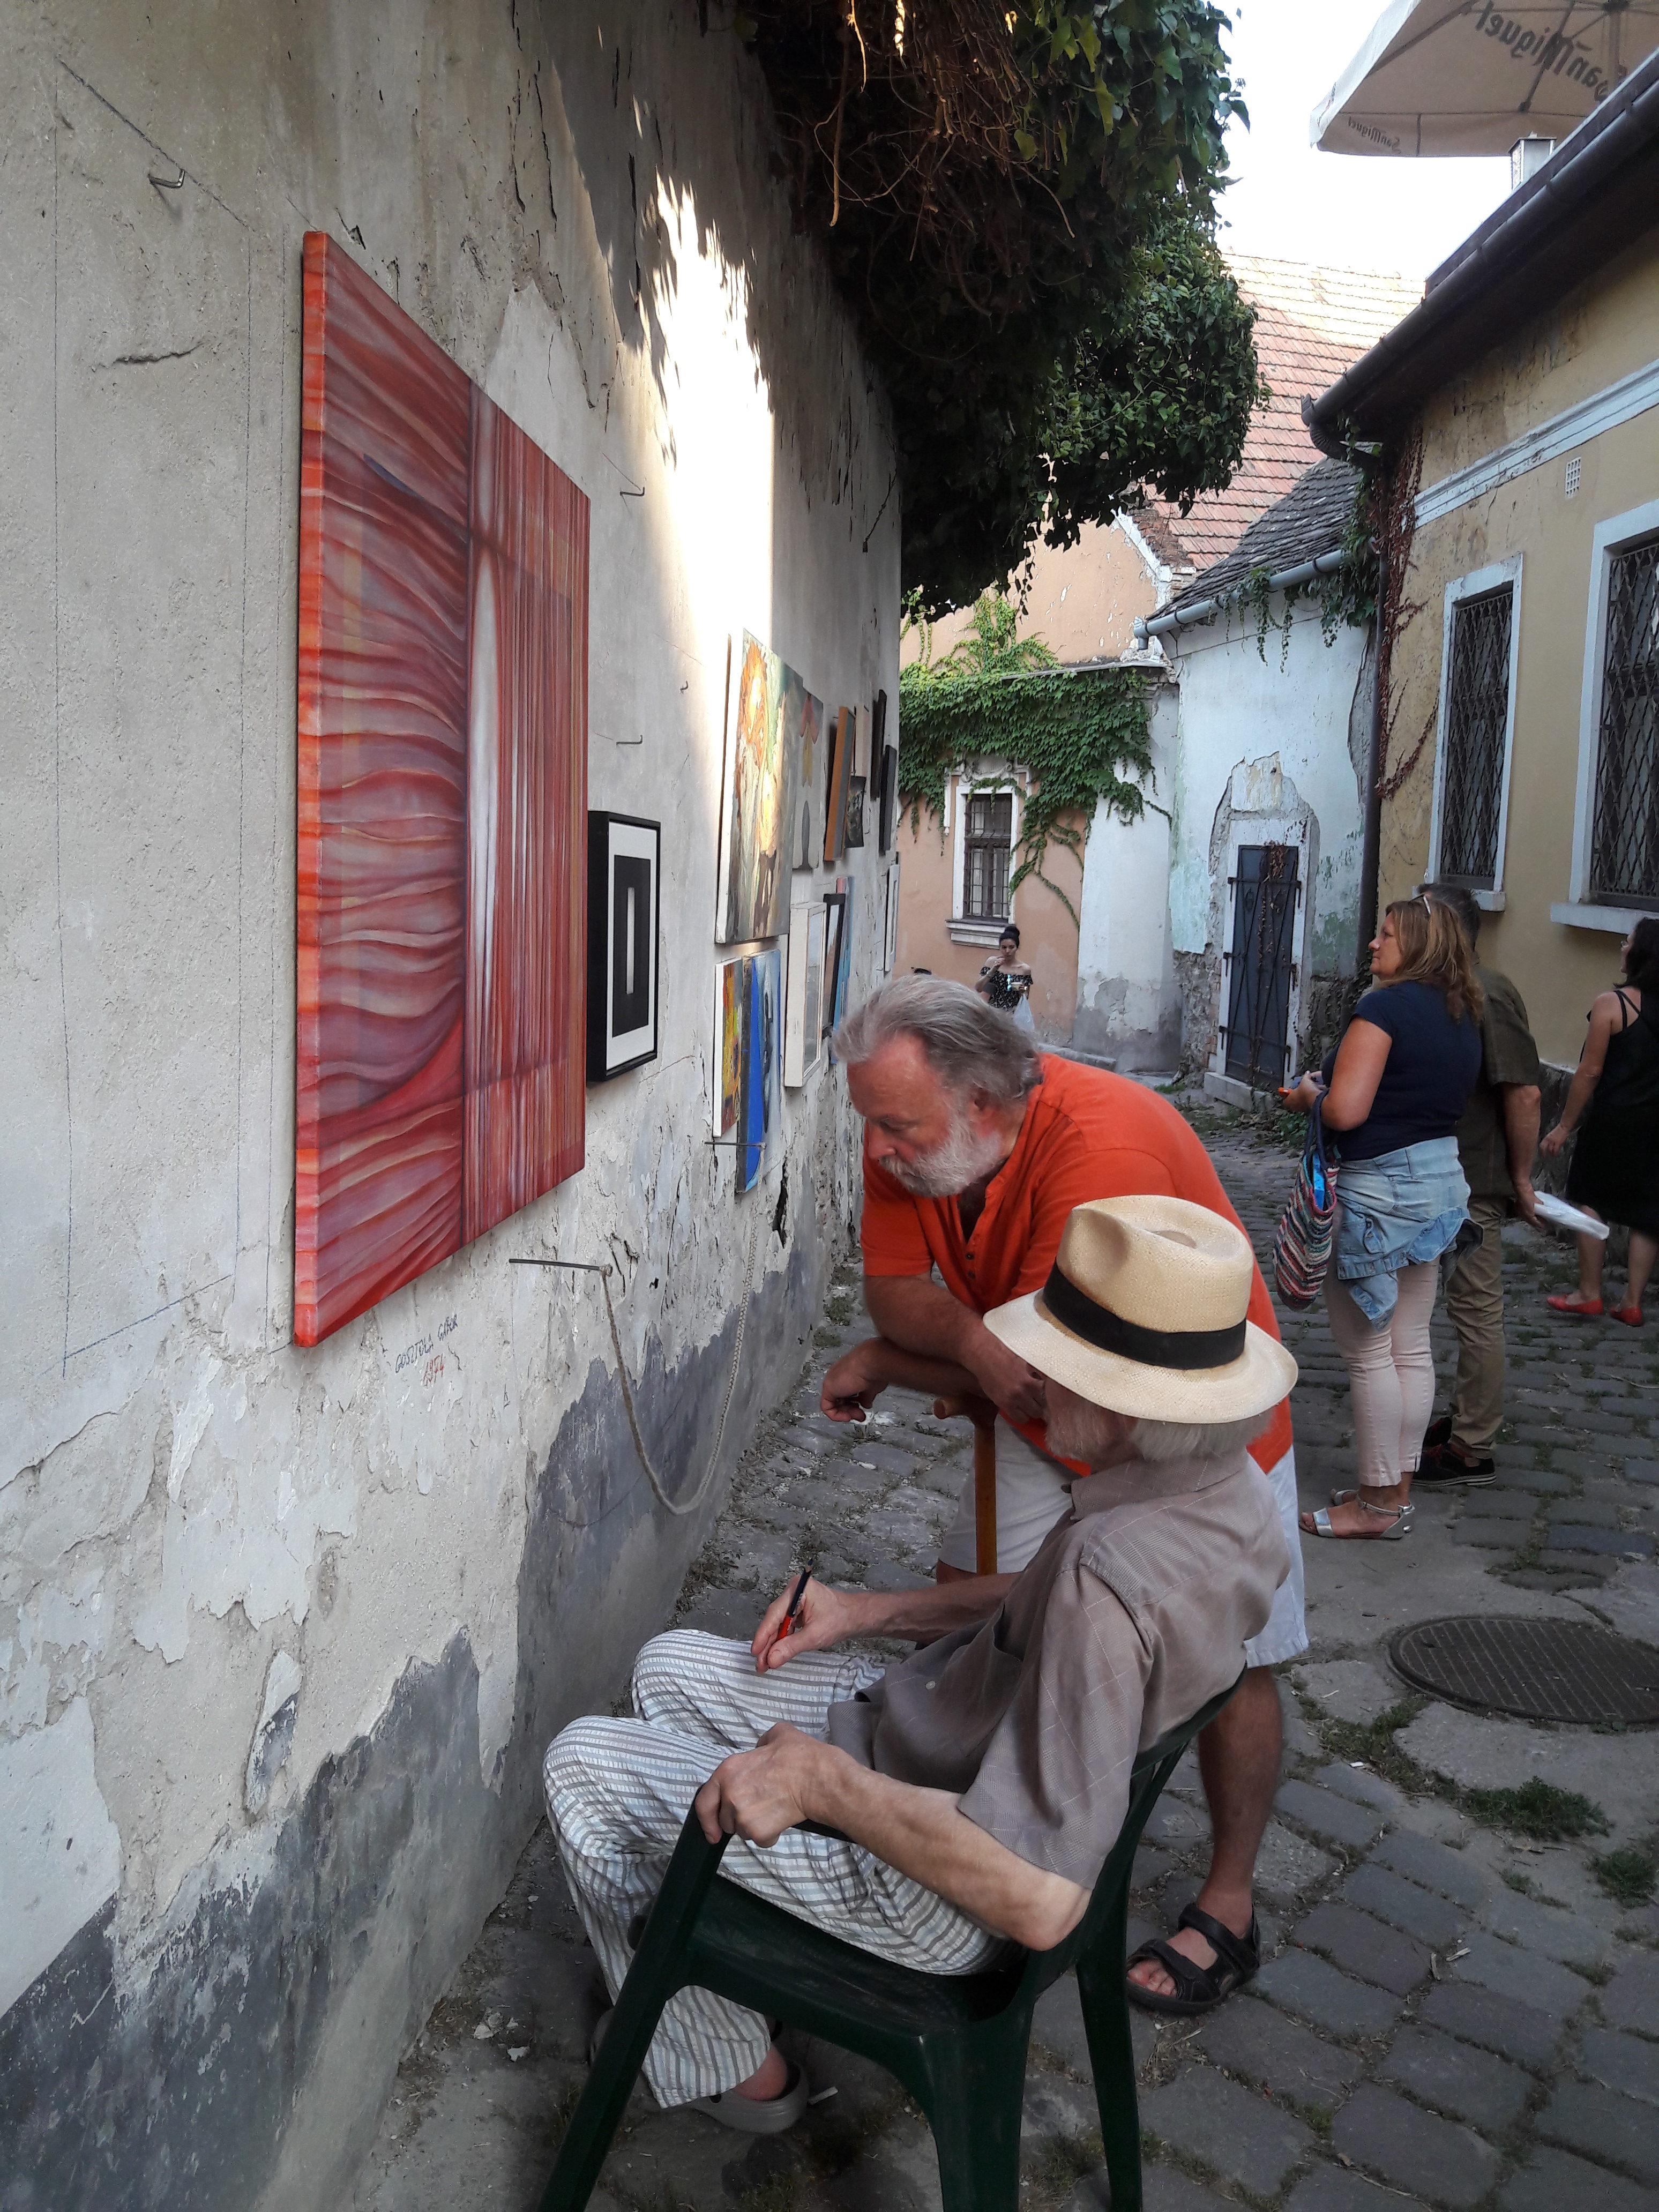 fut211mŰvek magyar k233pzőműv233szek kort225rs festők